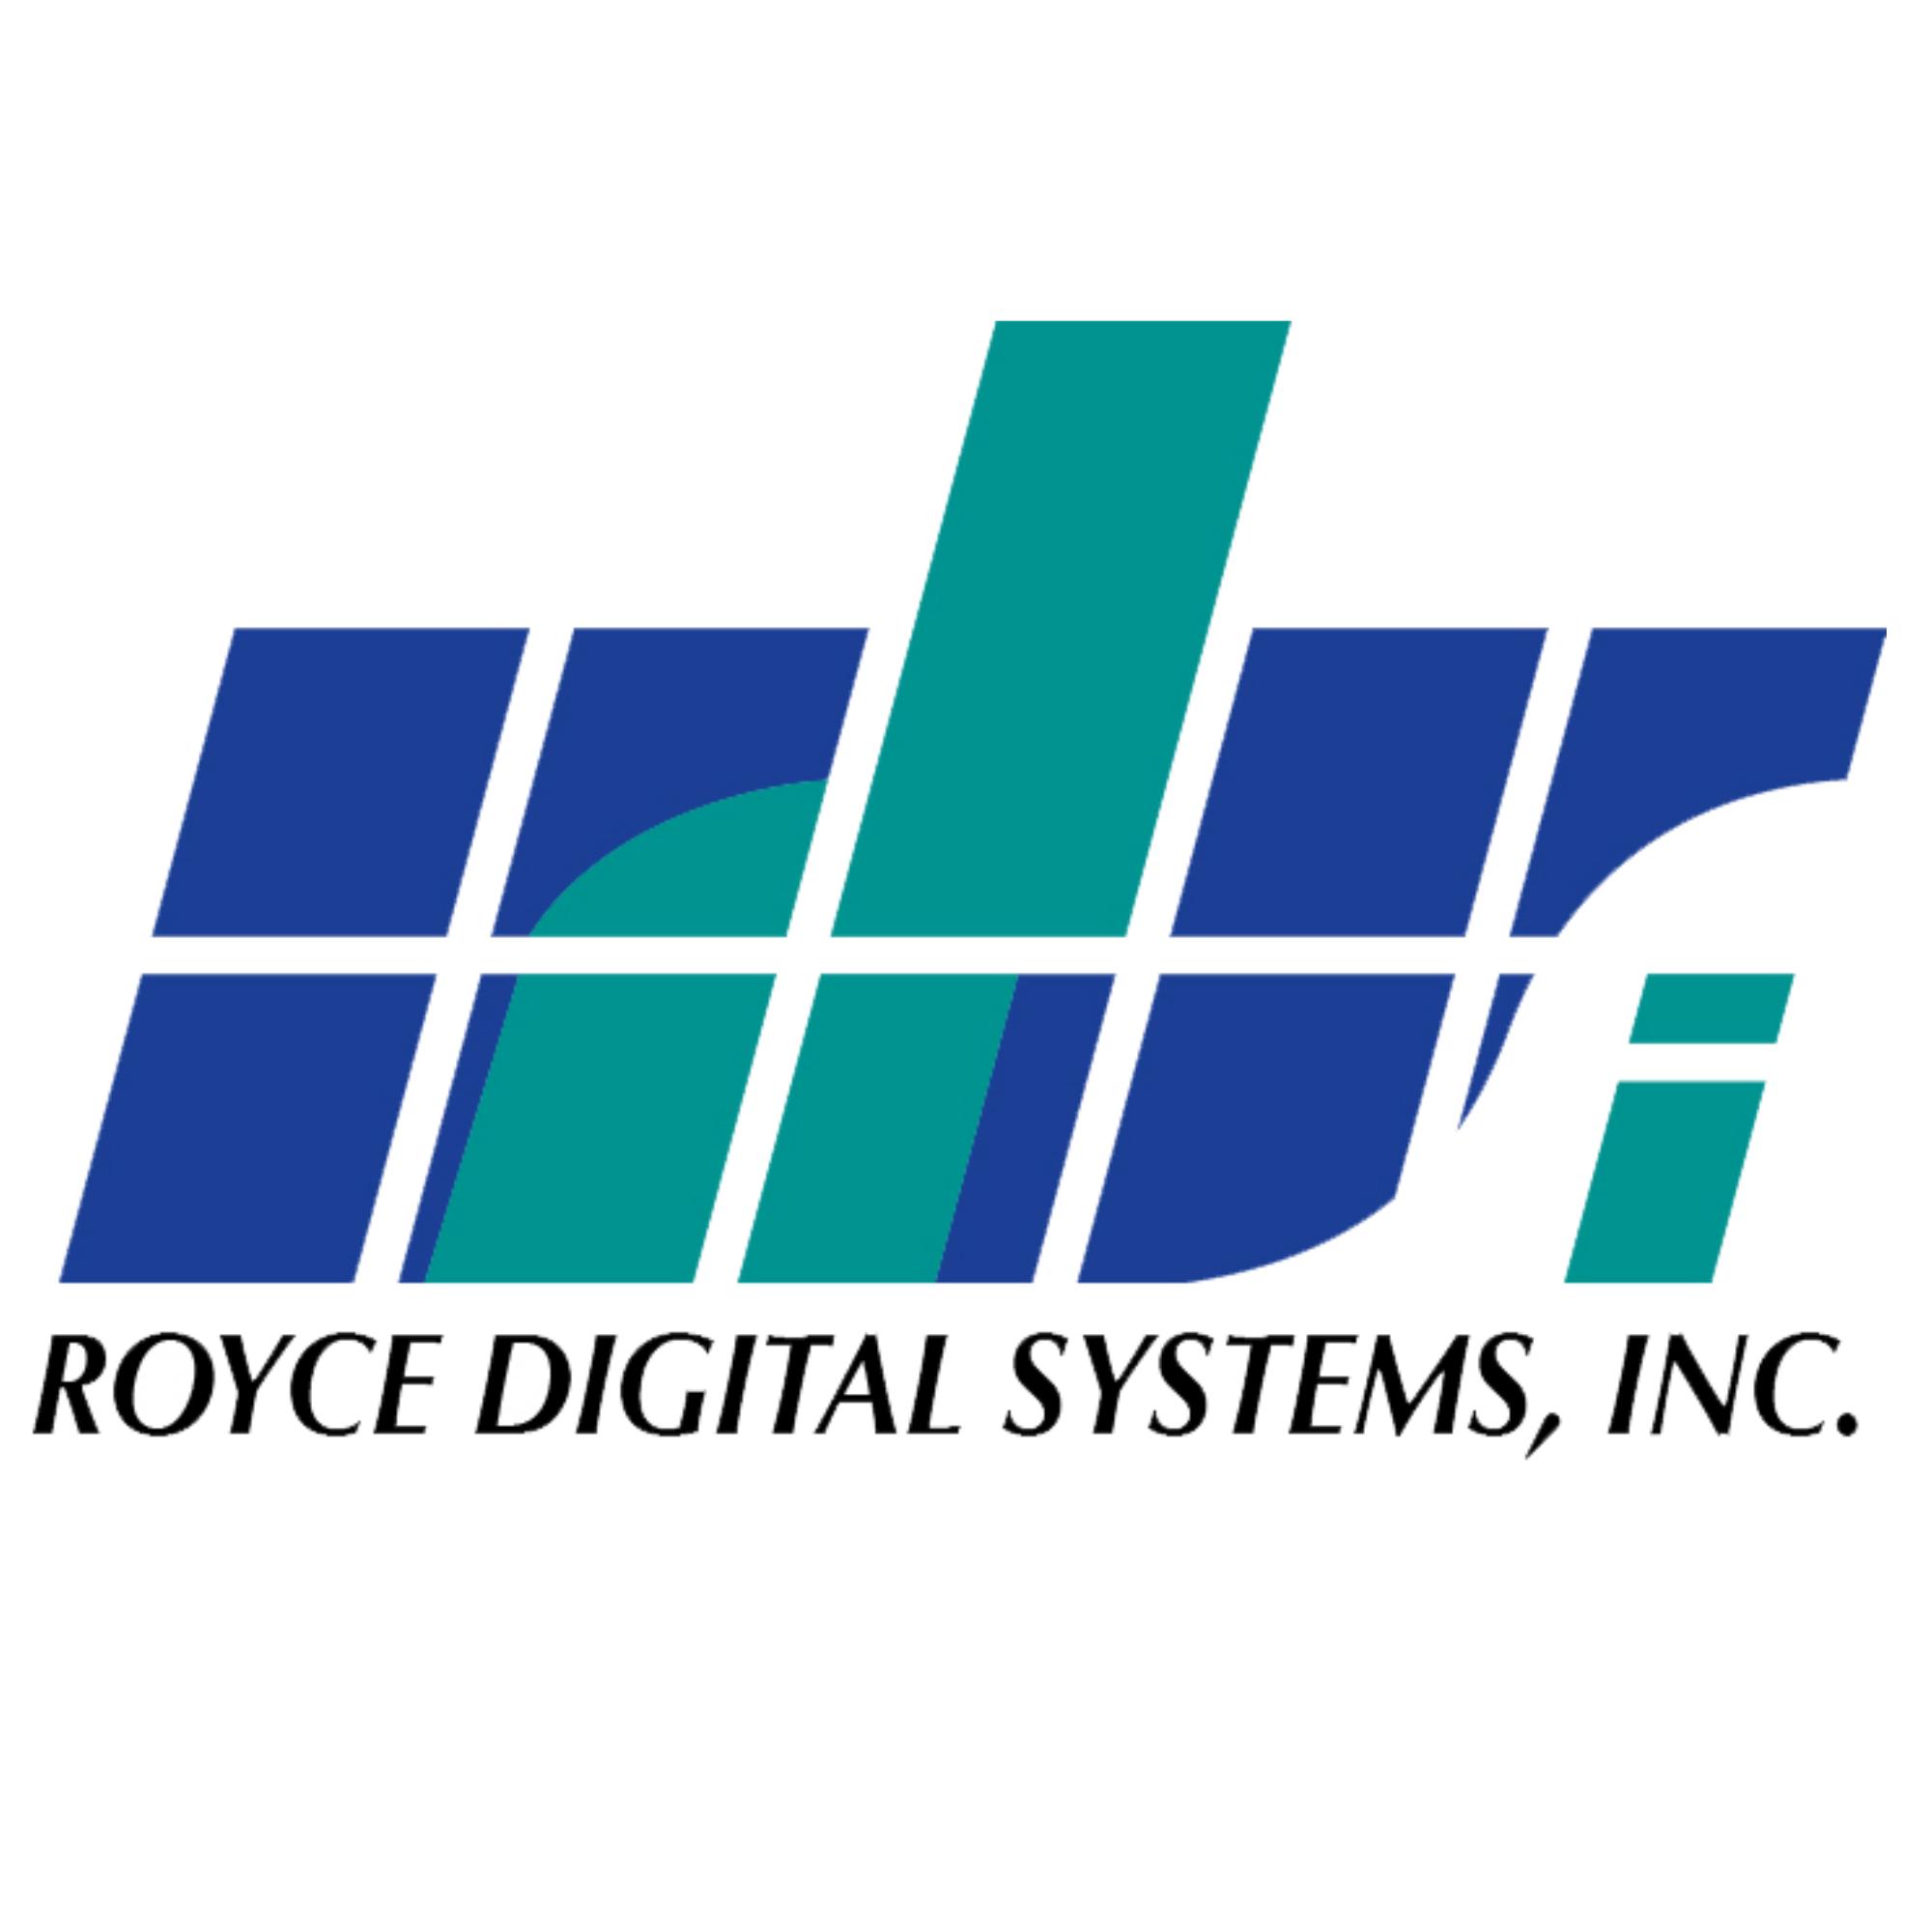 Royce Digital Systems, Inc.